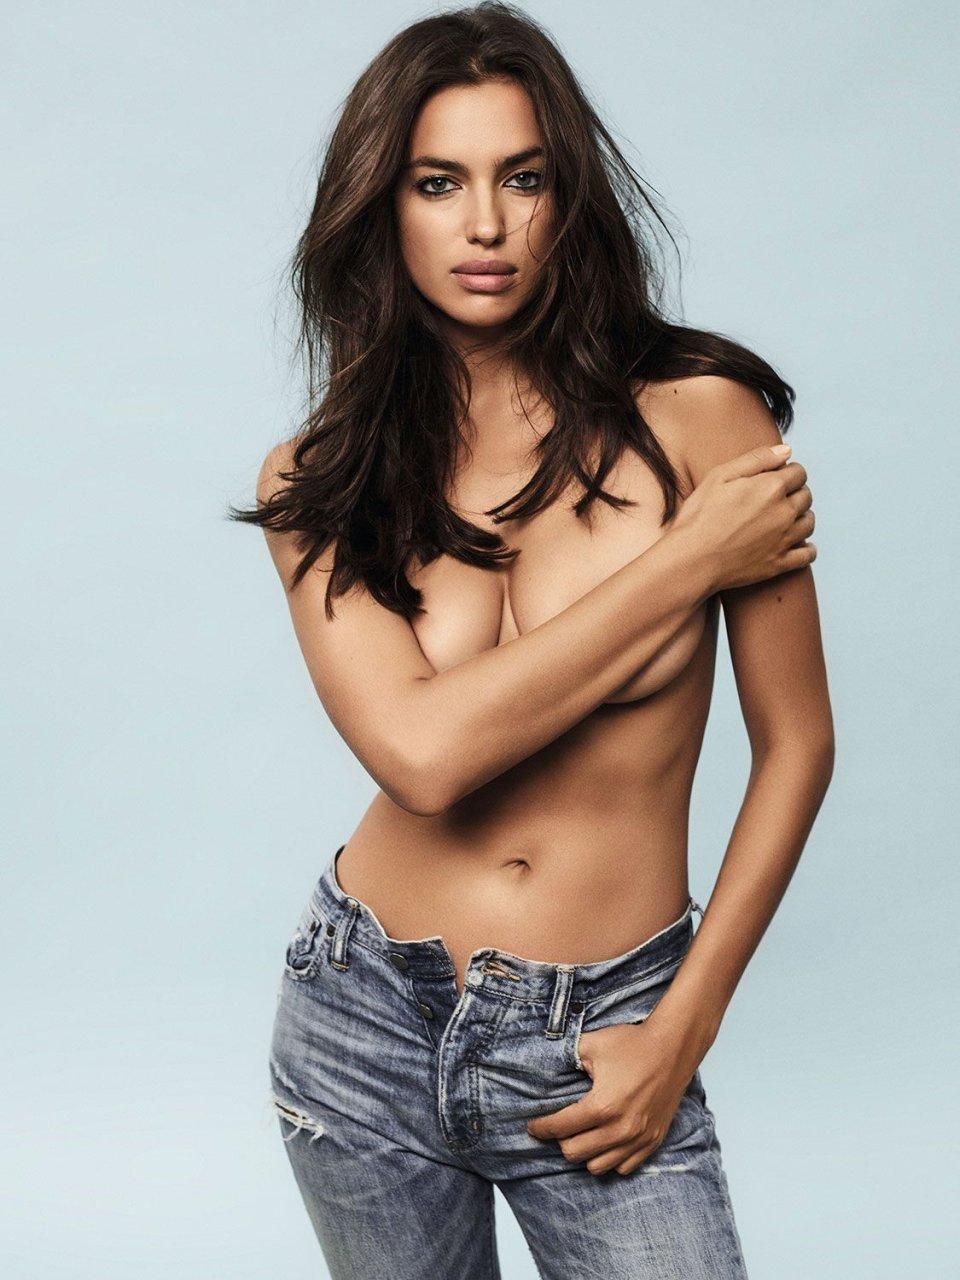 Actress shayk irina nude irina hot